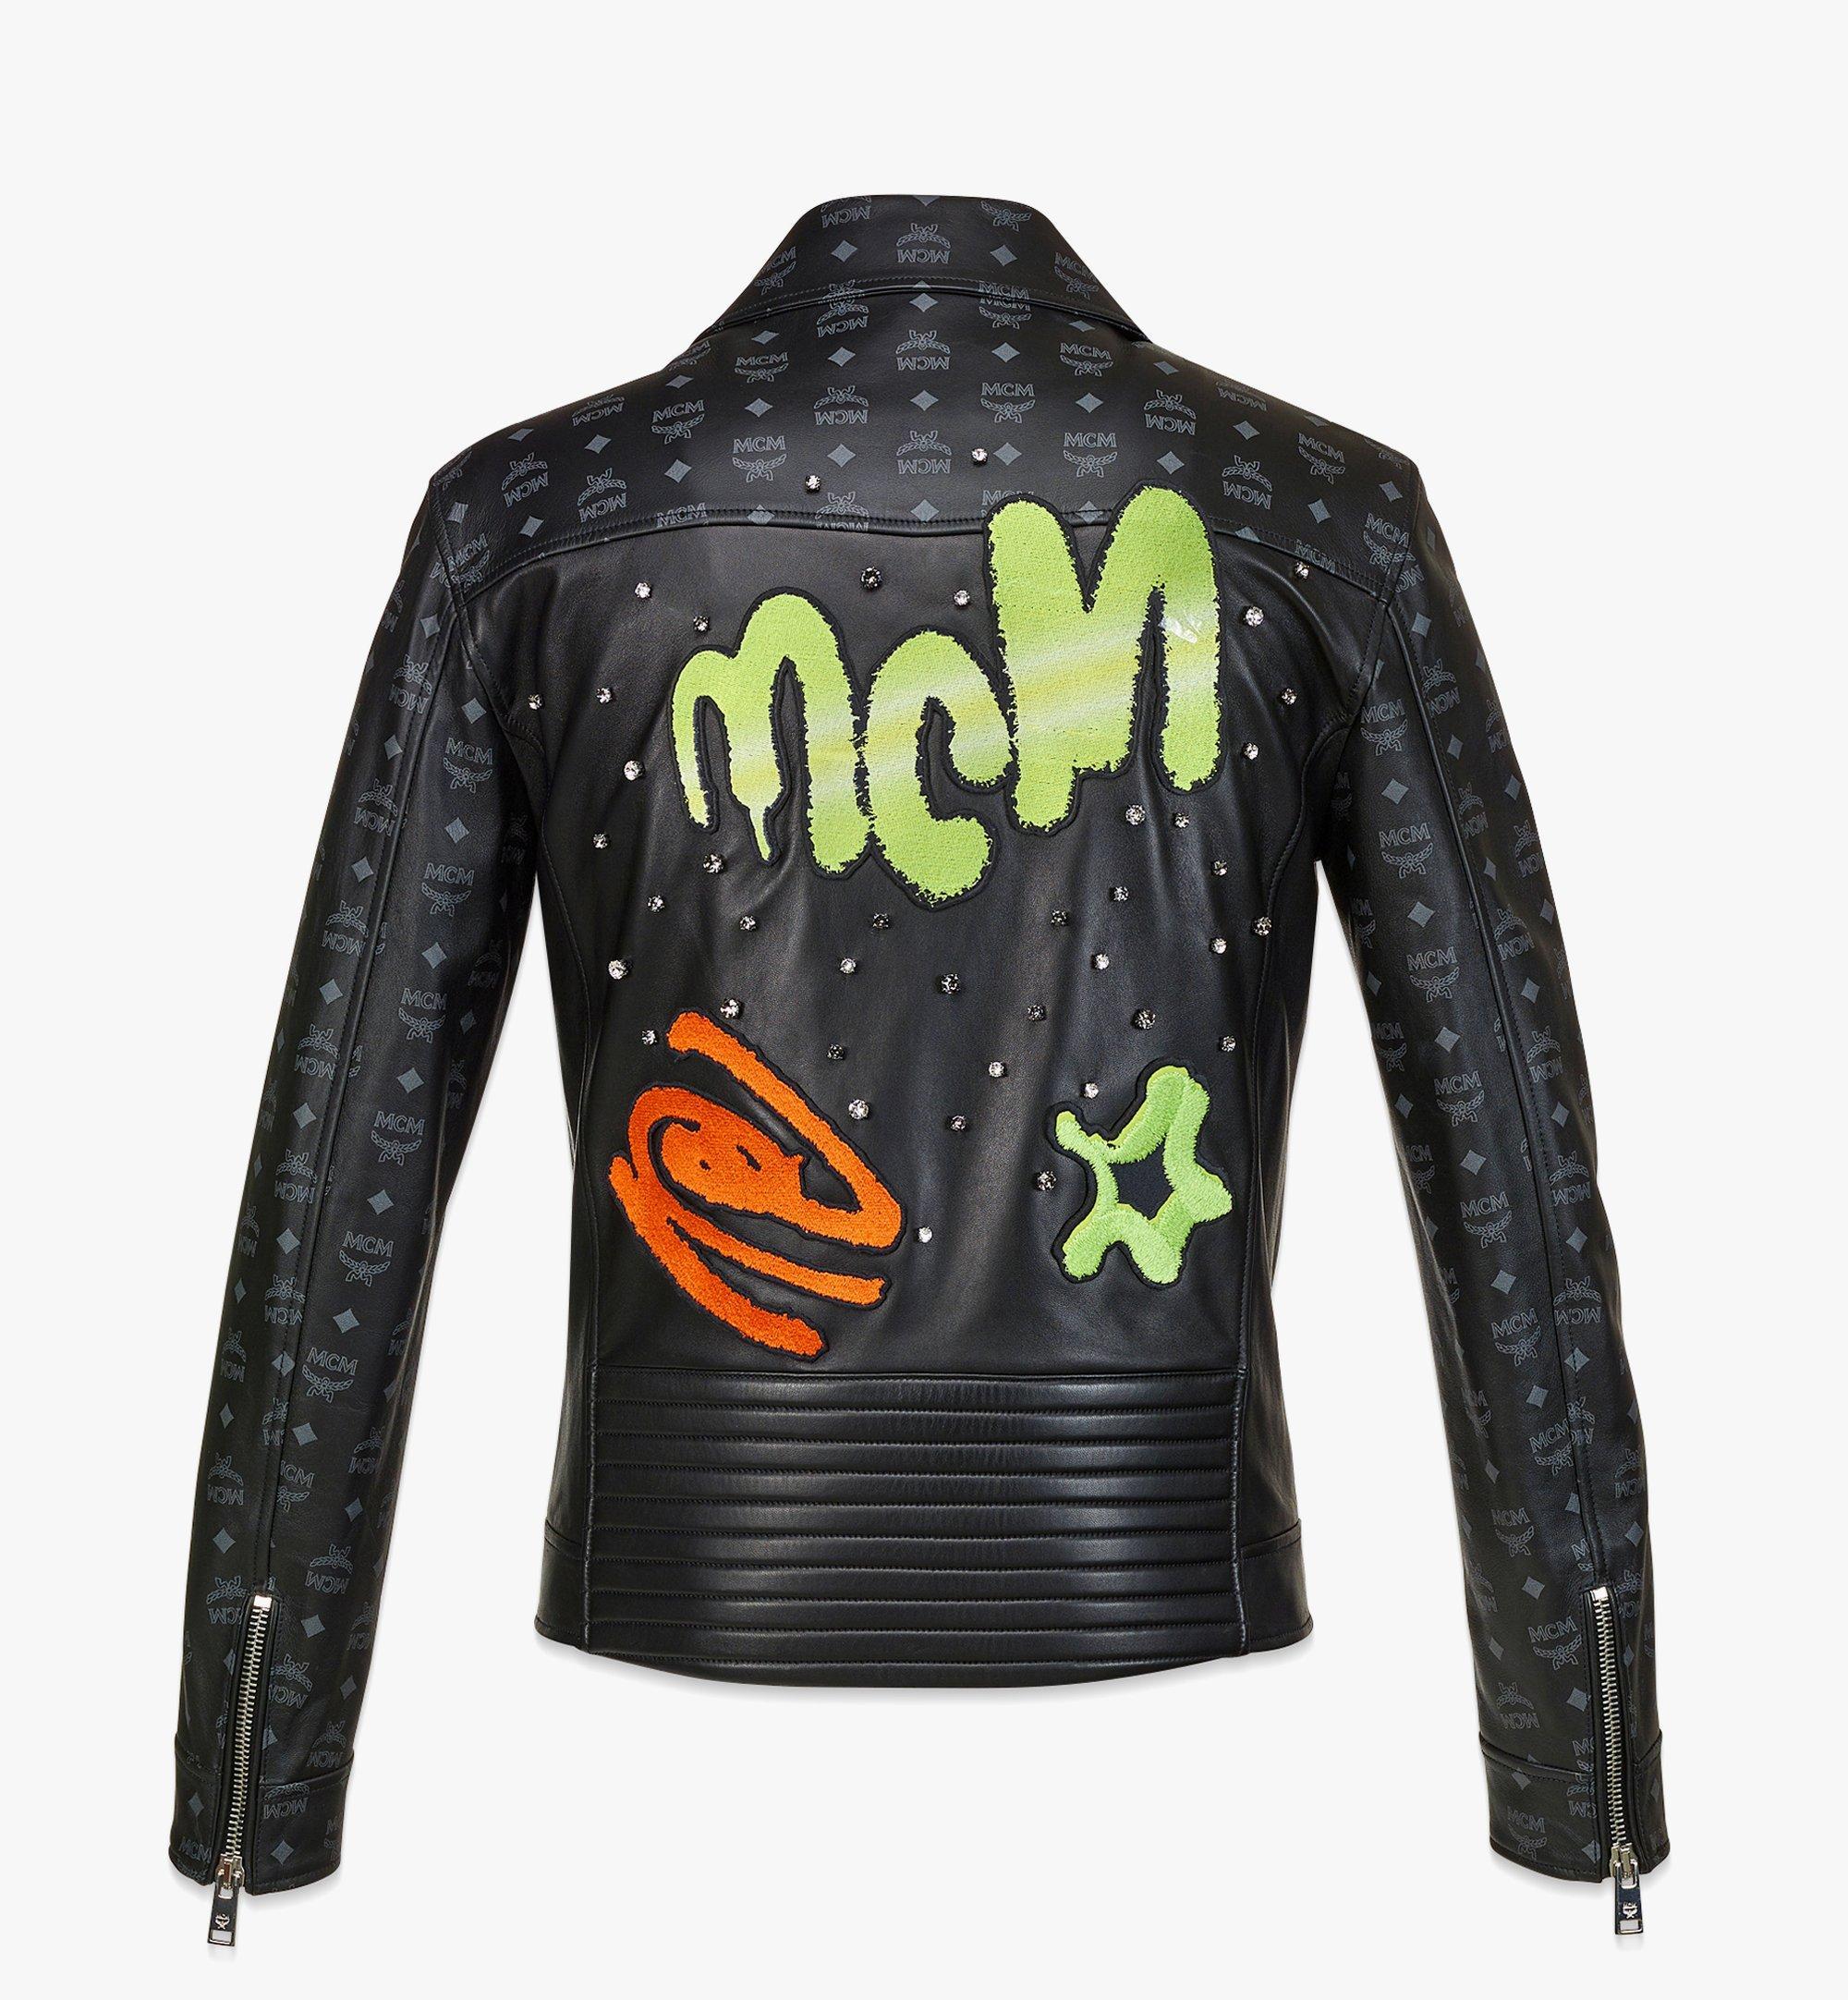 MCM 남성용 업사이클링 프로젝트 모노그램 레더 재킷 Black MHJBAUP01BK048 다른 각도 보기 1